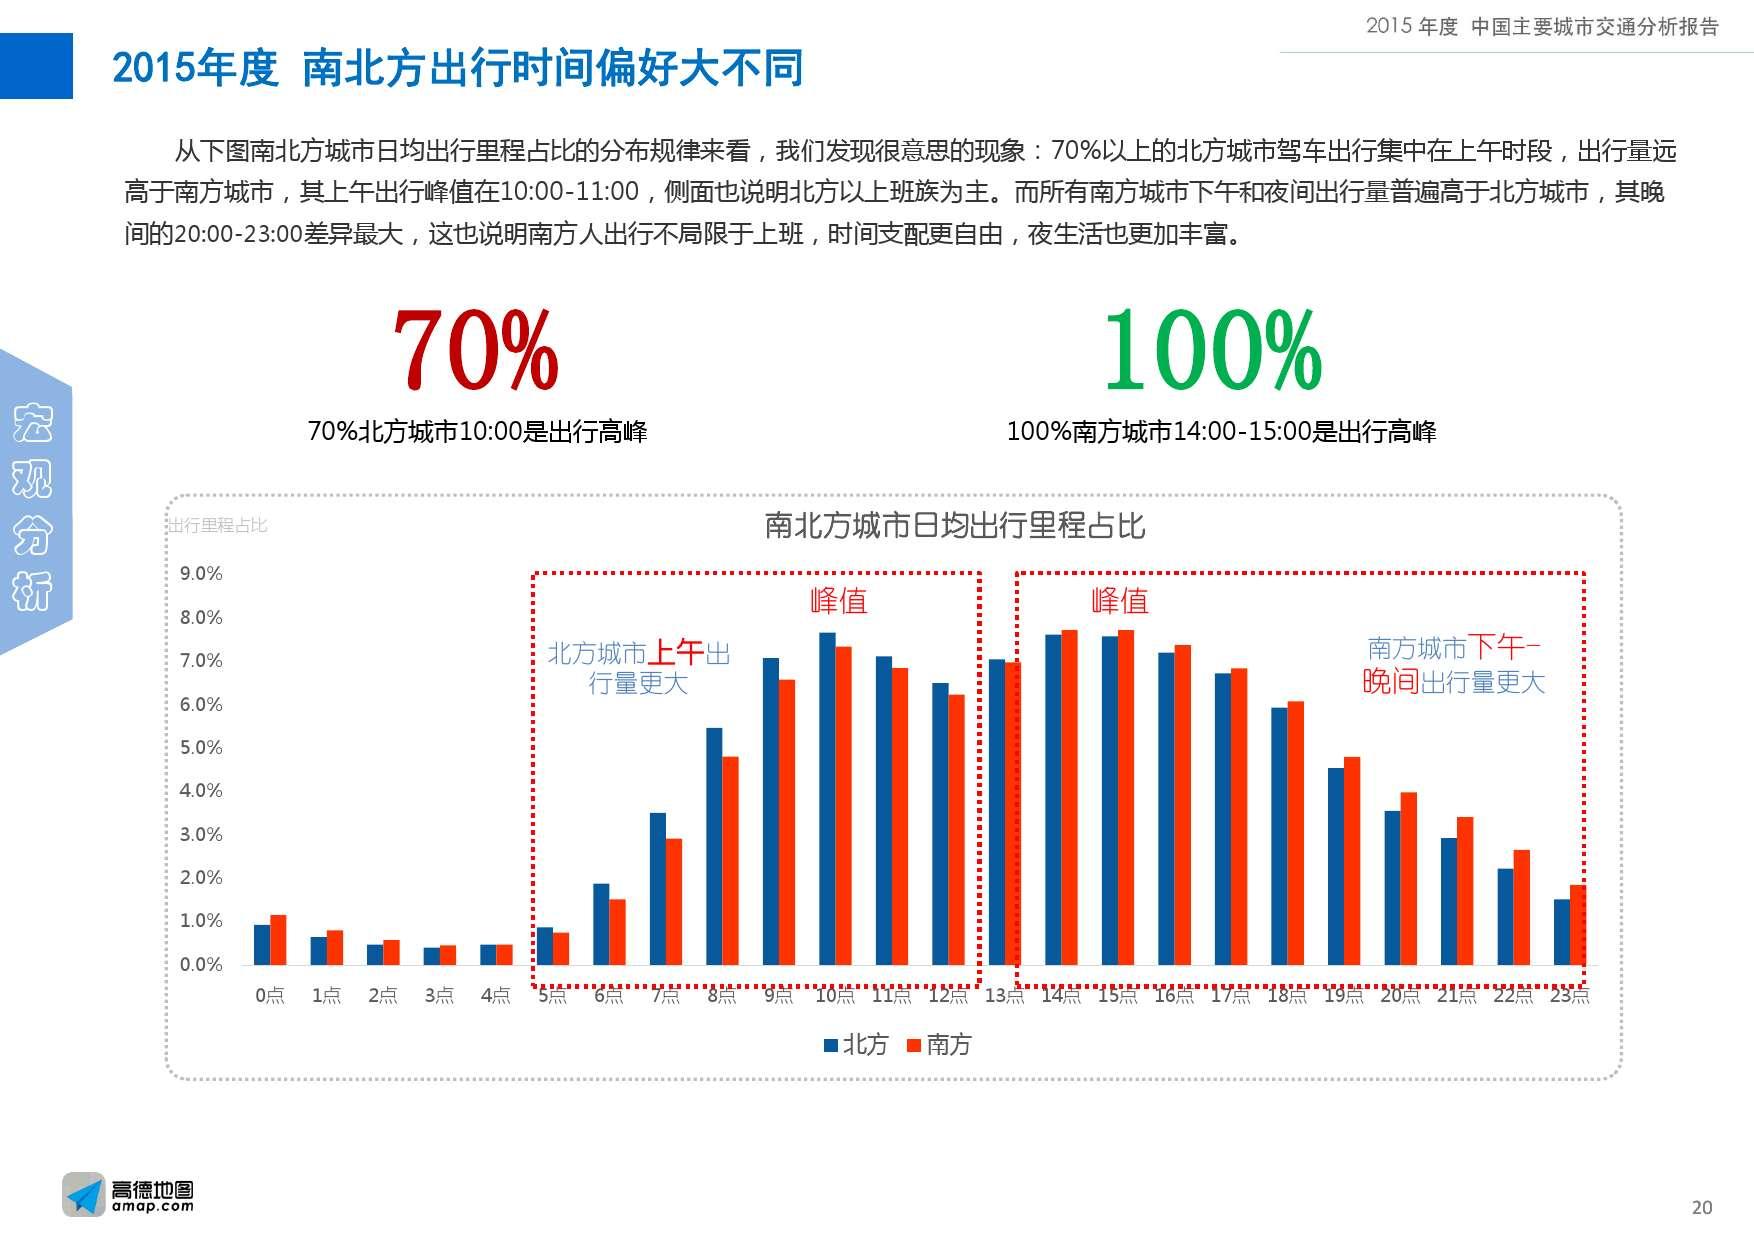 2015年度中国主要城市交通分析报告-final_000020